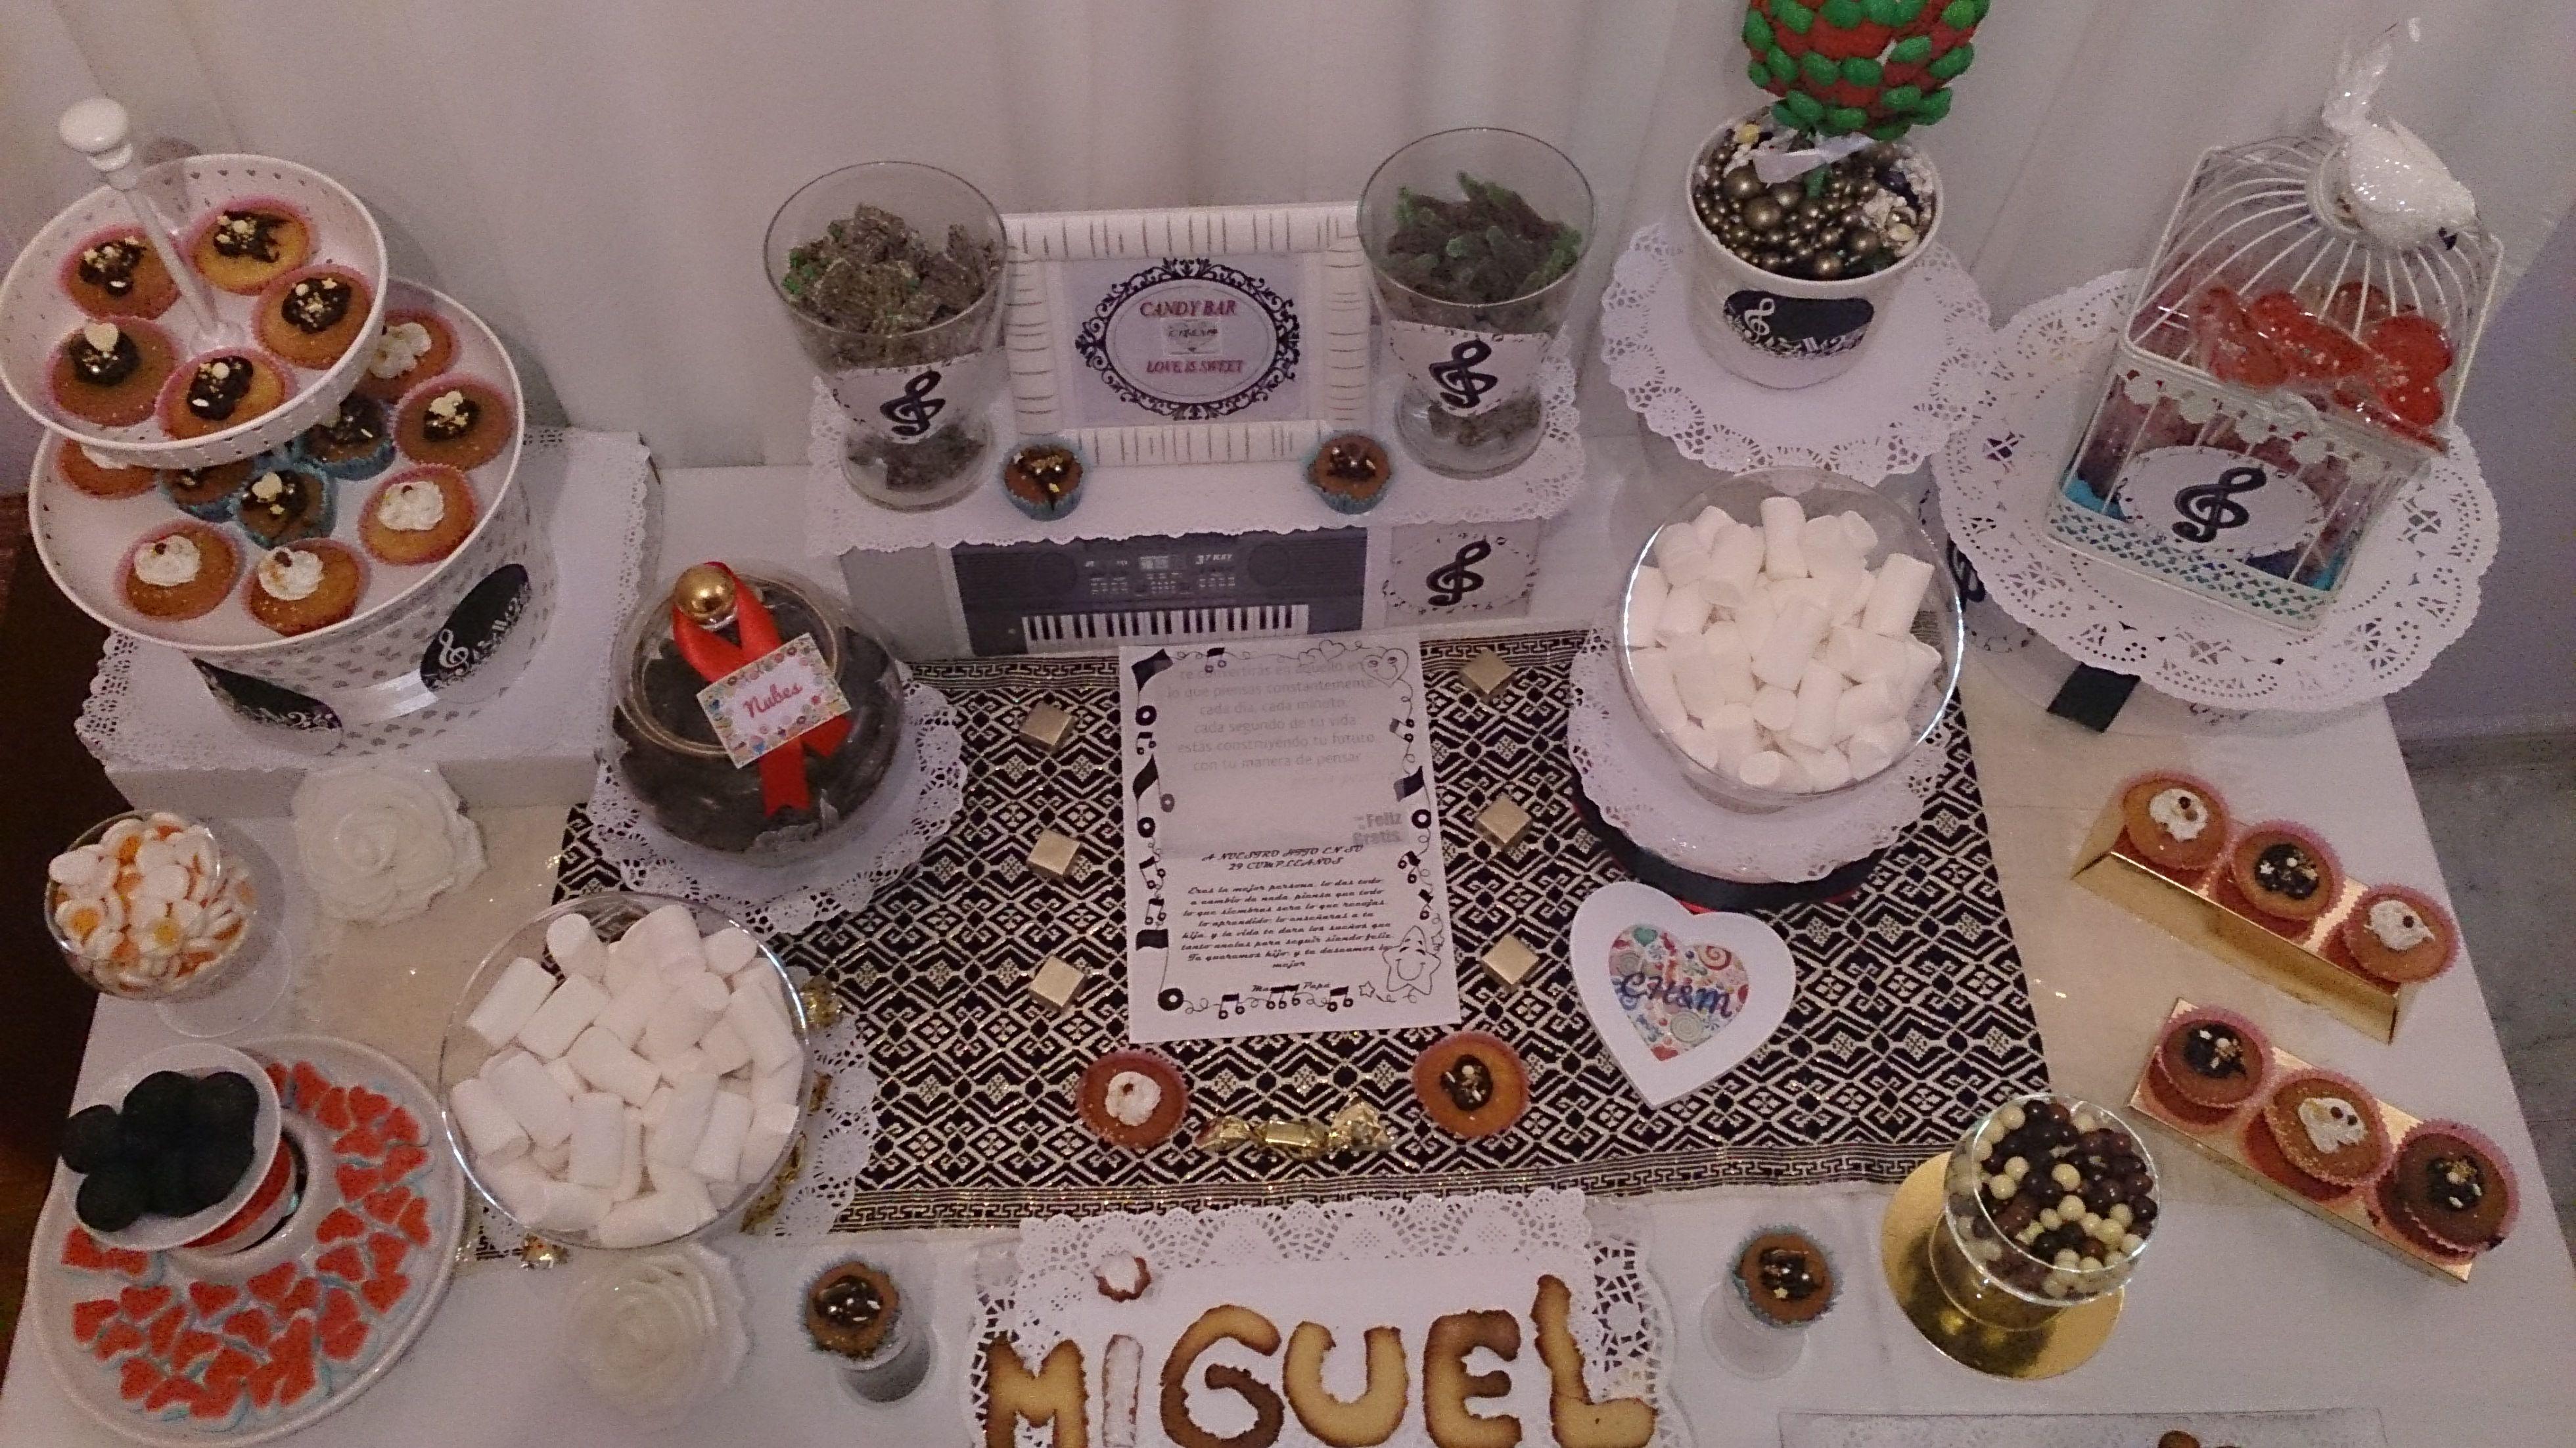 Cumpleaños,  con galletas de mantequilla, y piano de galleta decorada, cupcake, cake pop, y chuches, con decoración musical, elije tu evento, nosotros te lo decoramos